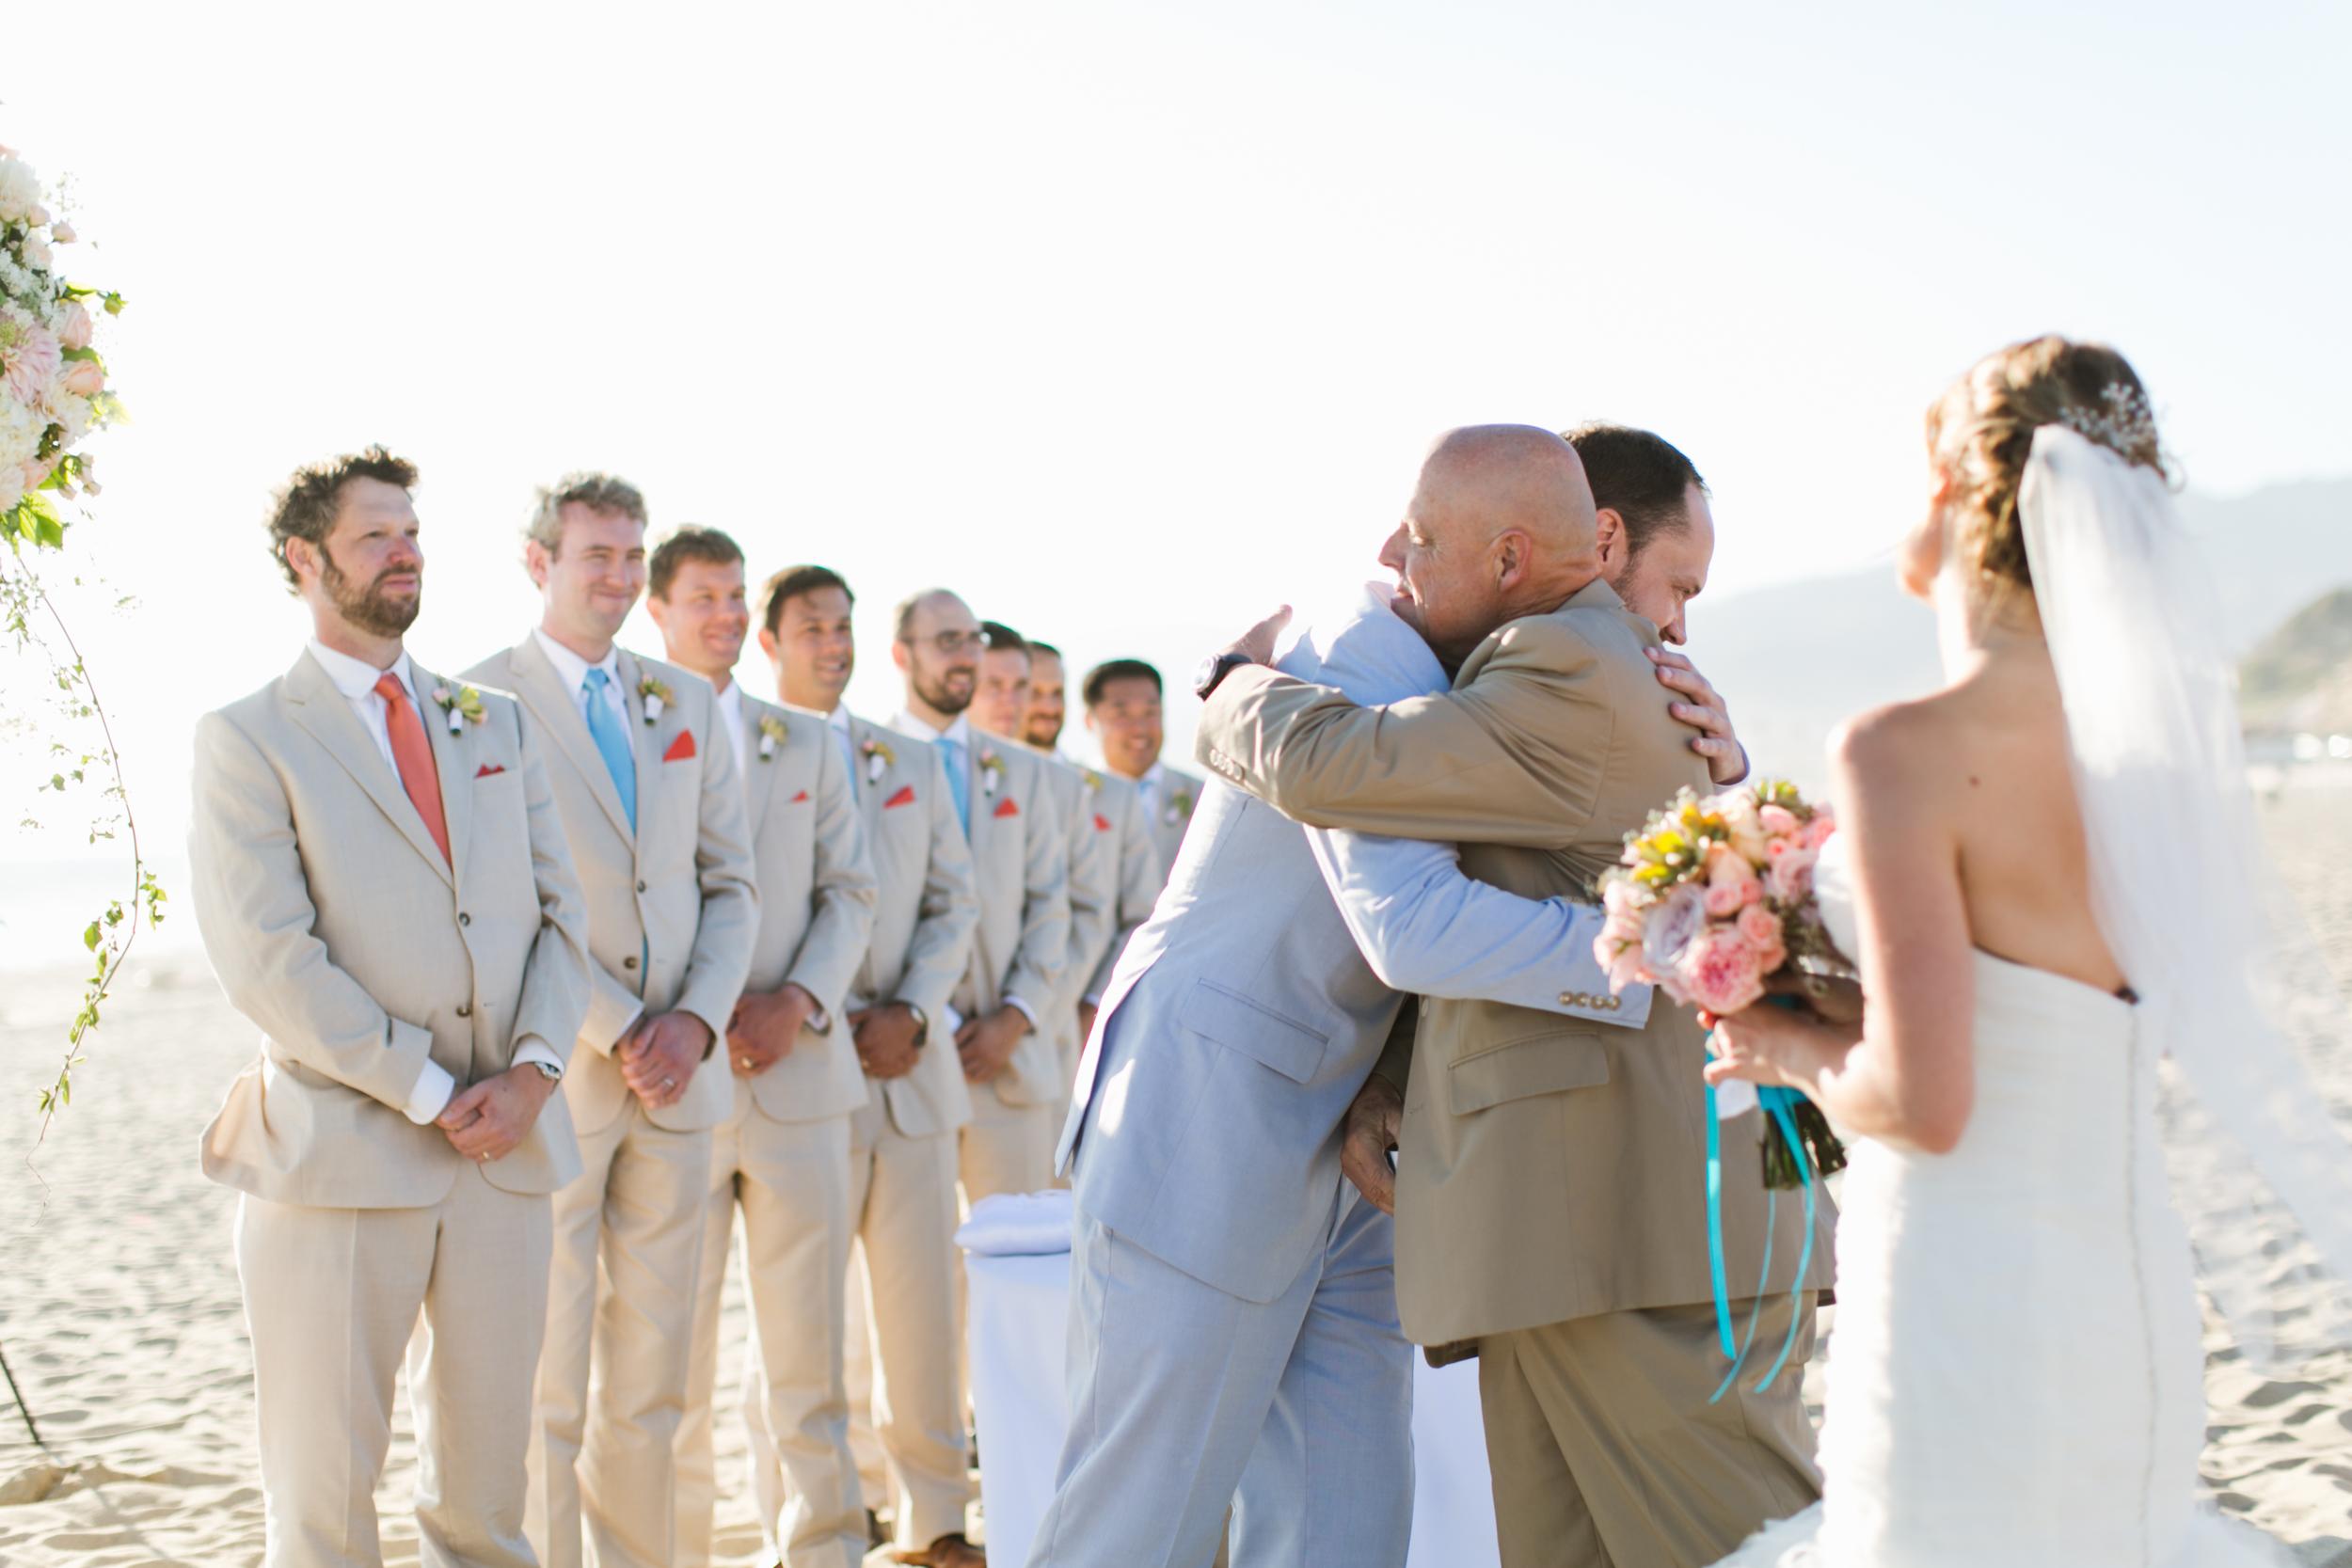 Malibu West Beach Club Wedding // The Overwhelmed Bride Wedding Blog + Southern California Wedding Planner